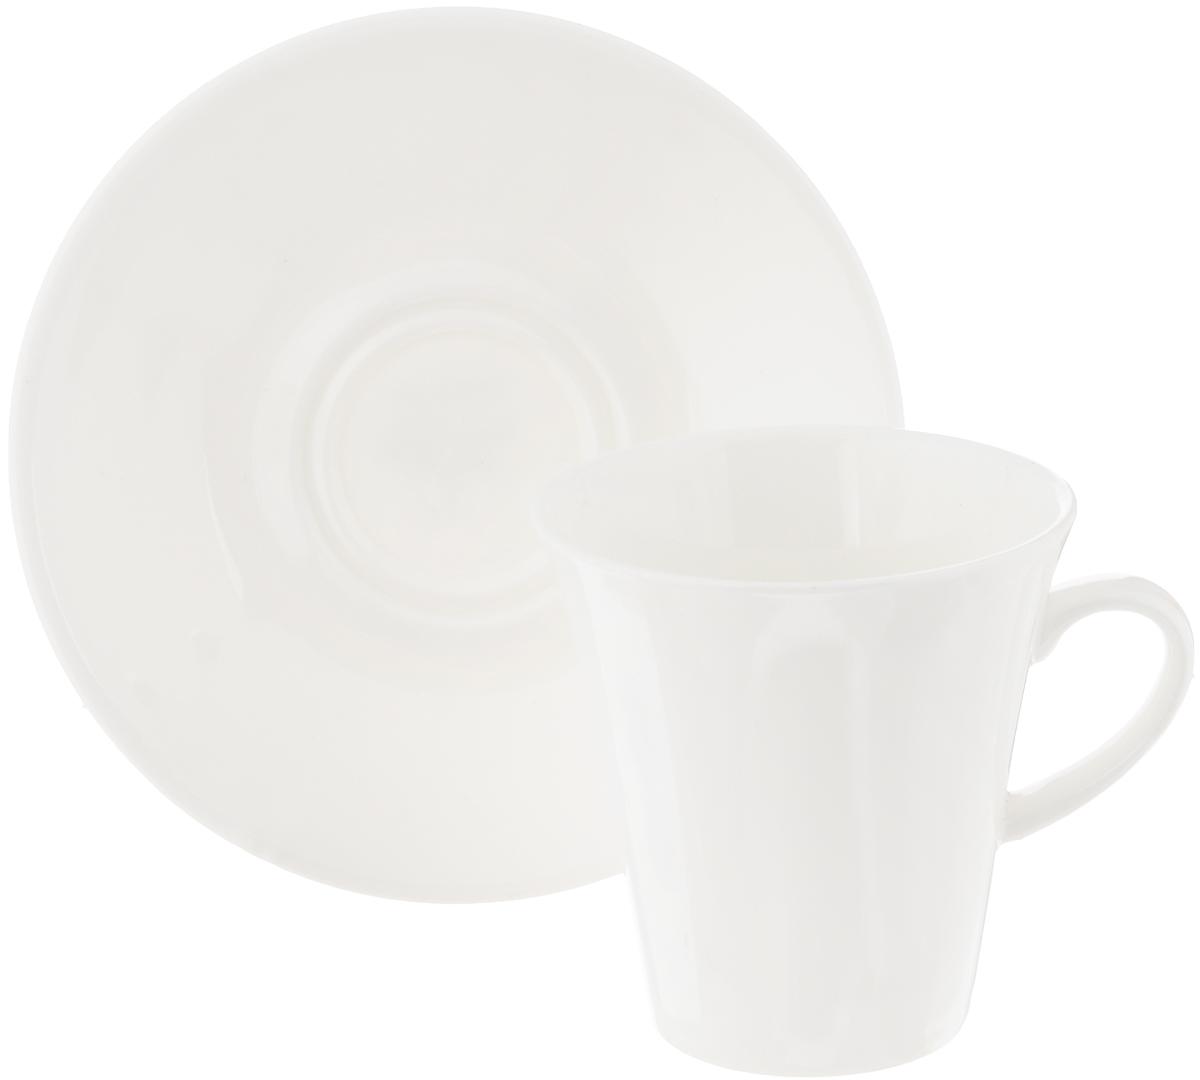 Кофейная пара Wilmax, 2 предмета. WL-993005 / ABVT-1520(SR)Кофейная пара Wilmax состоит из чашки и блюдца. Изделия выполнены из высококачественного фарфора, покрытого слоем глазури. Изделия имеют лаконичный дизайн, просты и функциональны в использовании. Кофейная пара Wilmax украсит ваш кухонный стол, а также станет замечательным подарком к любому празднику.Изделия можно мыть в посудомоечной машине и ставить в микроволновую печь.Объем чашки: 160 мл.Диаметр чашки (по верхнему краю): 7,5 см.Высота чашки: 7,5 см.Диаметр блюдца: 13 см.